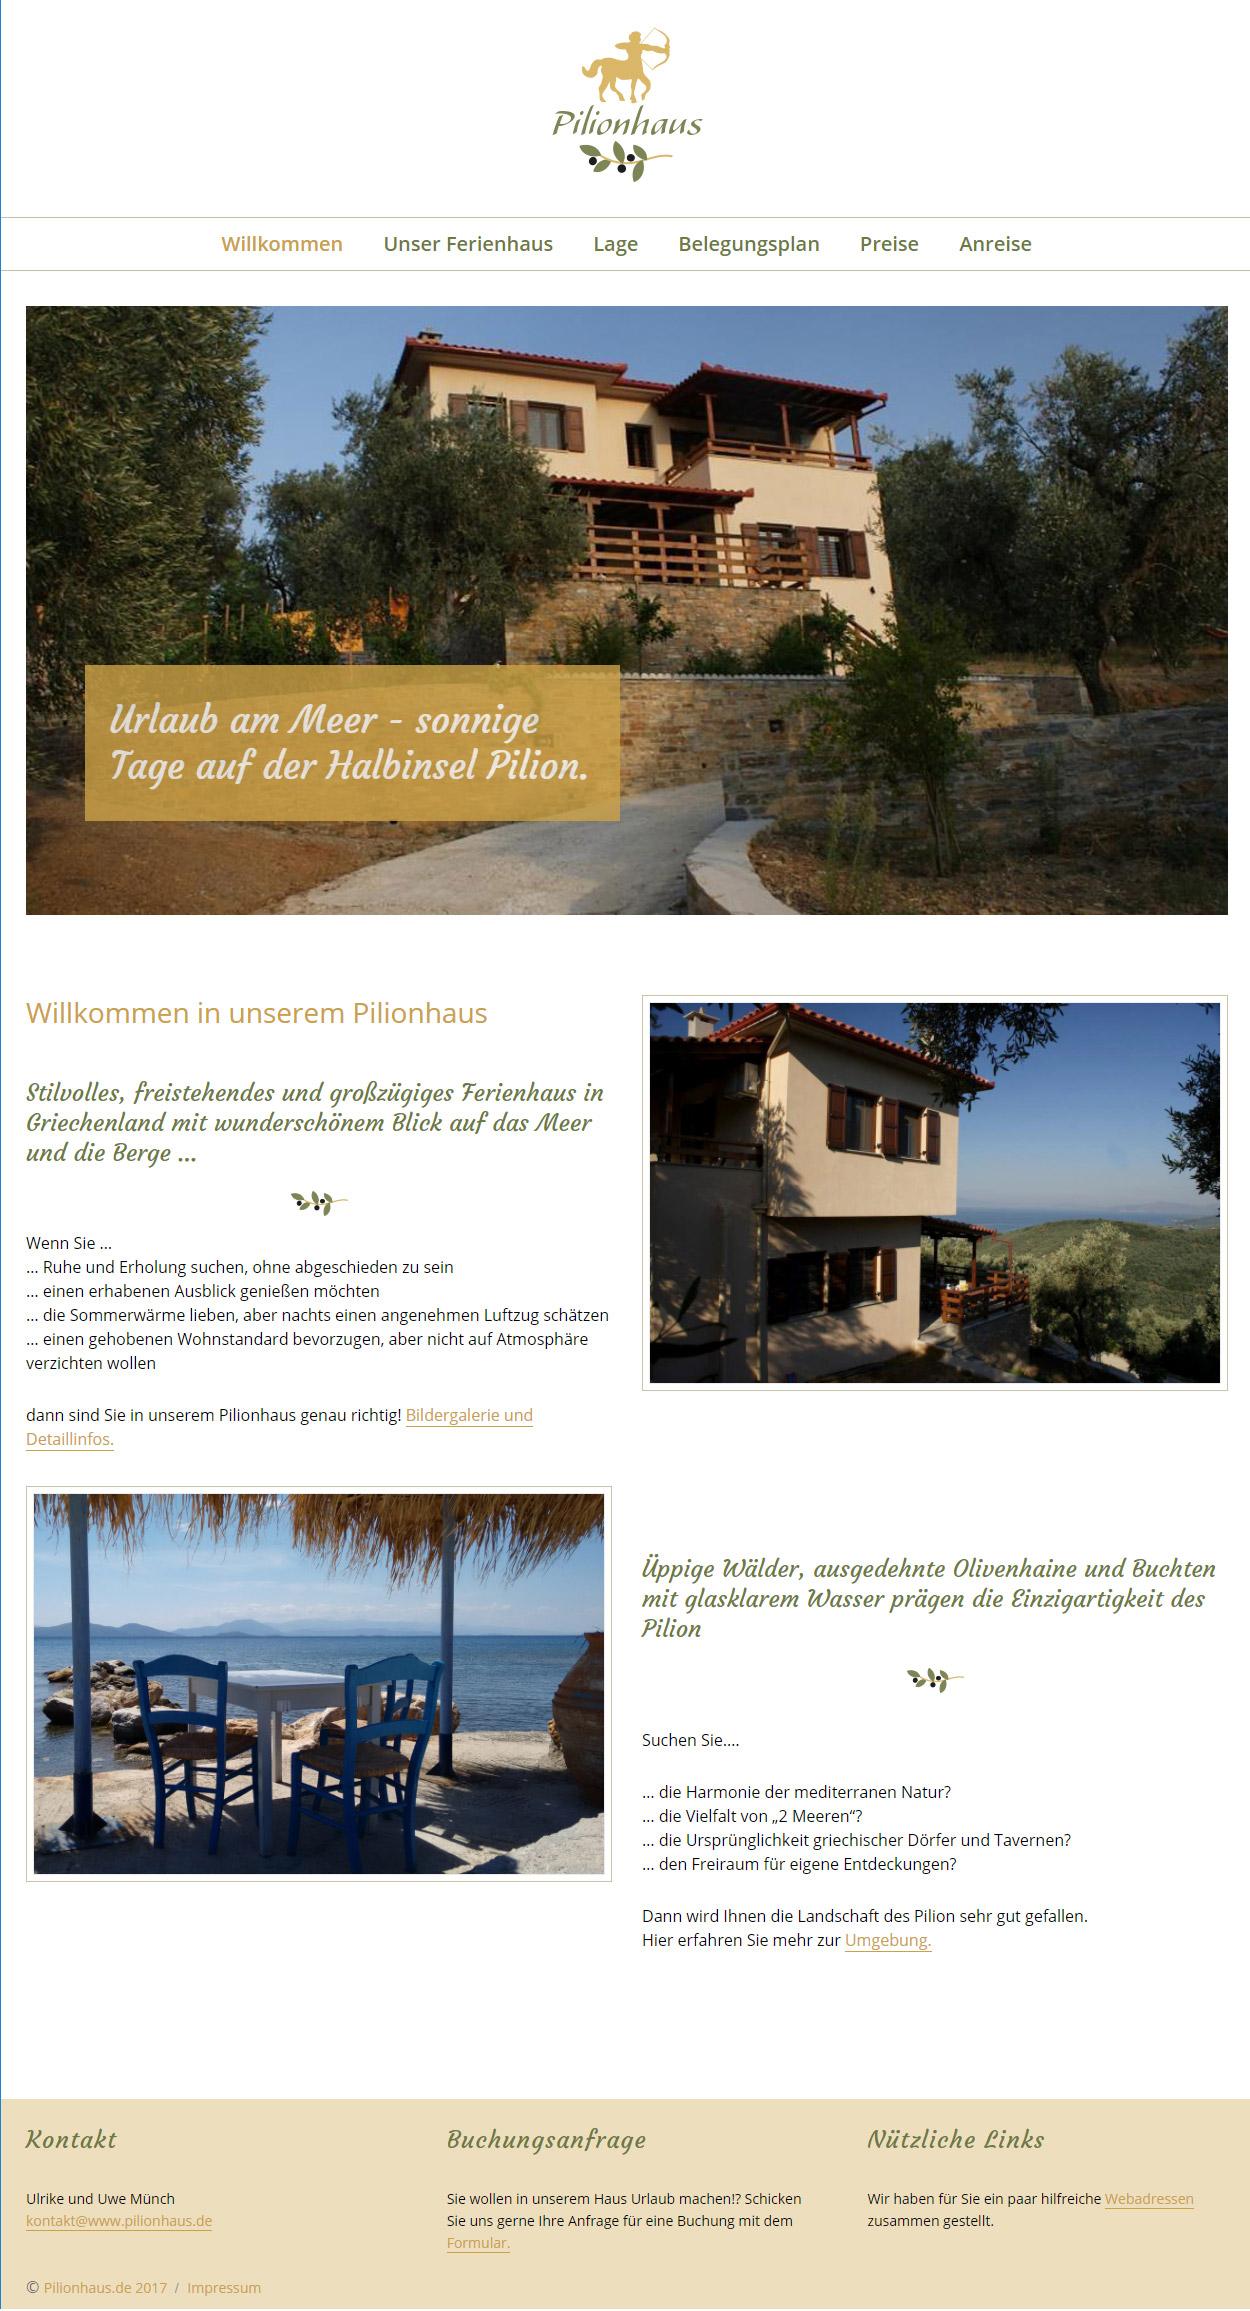 Pilionhaus, website, Homepage